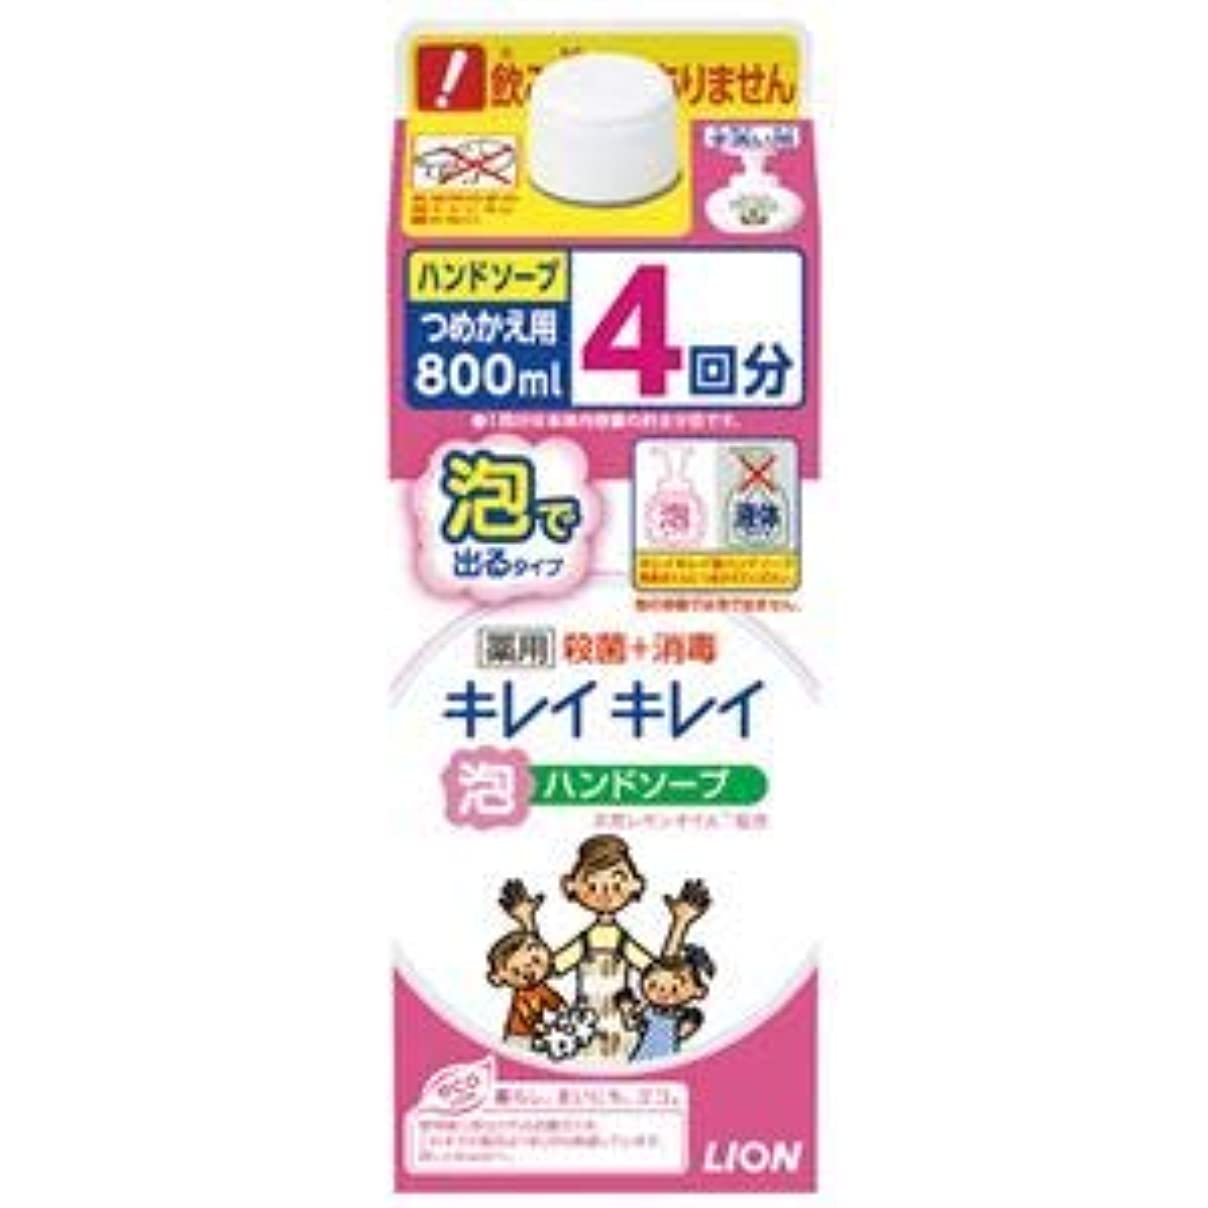 (まとめ) ライオン キレイキレイ泡ハンドソープ 詰替 800mL【×10セット】